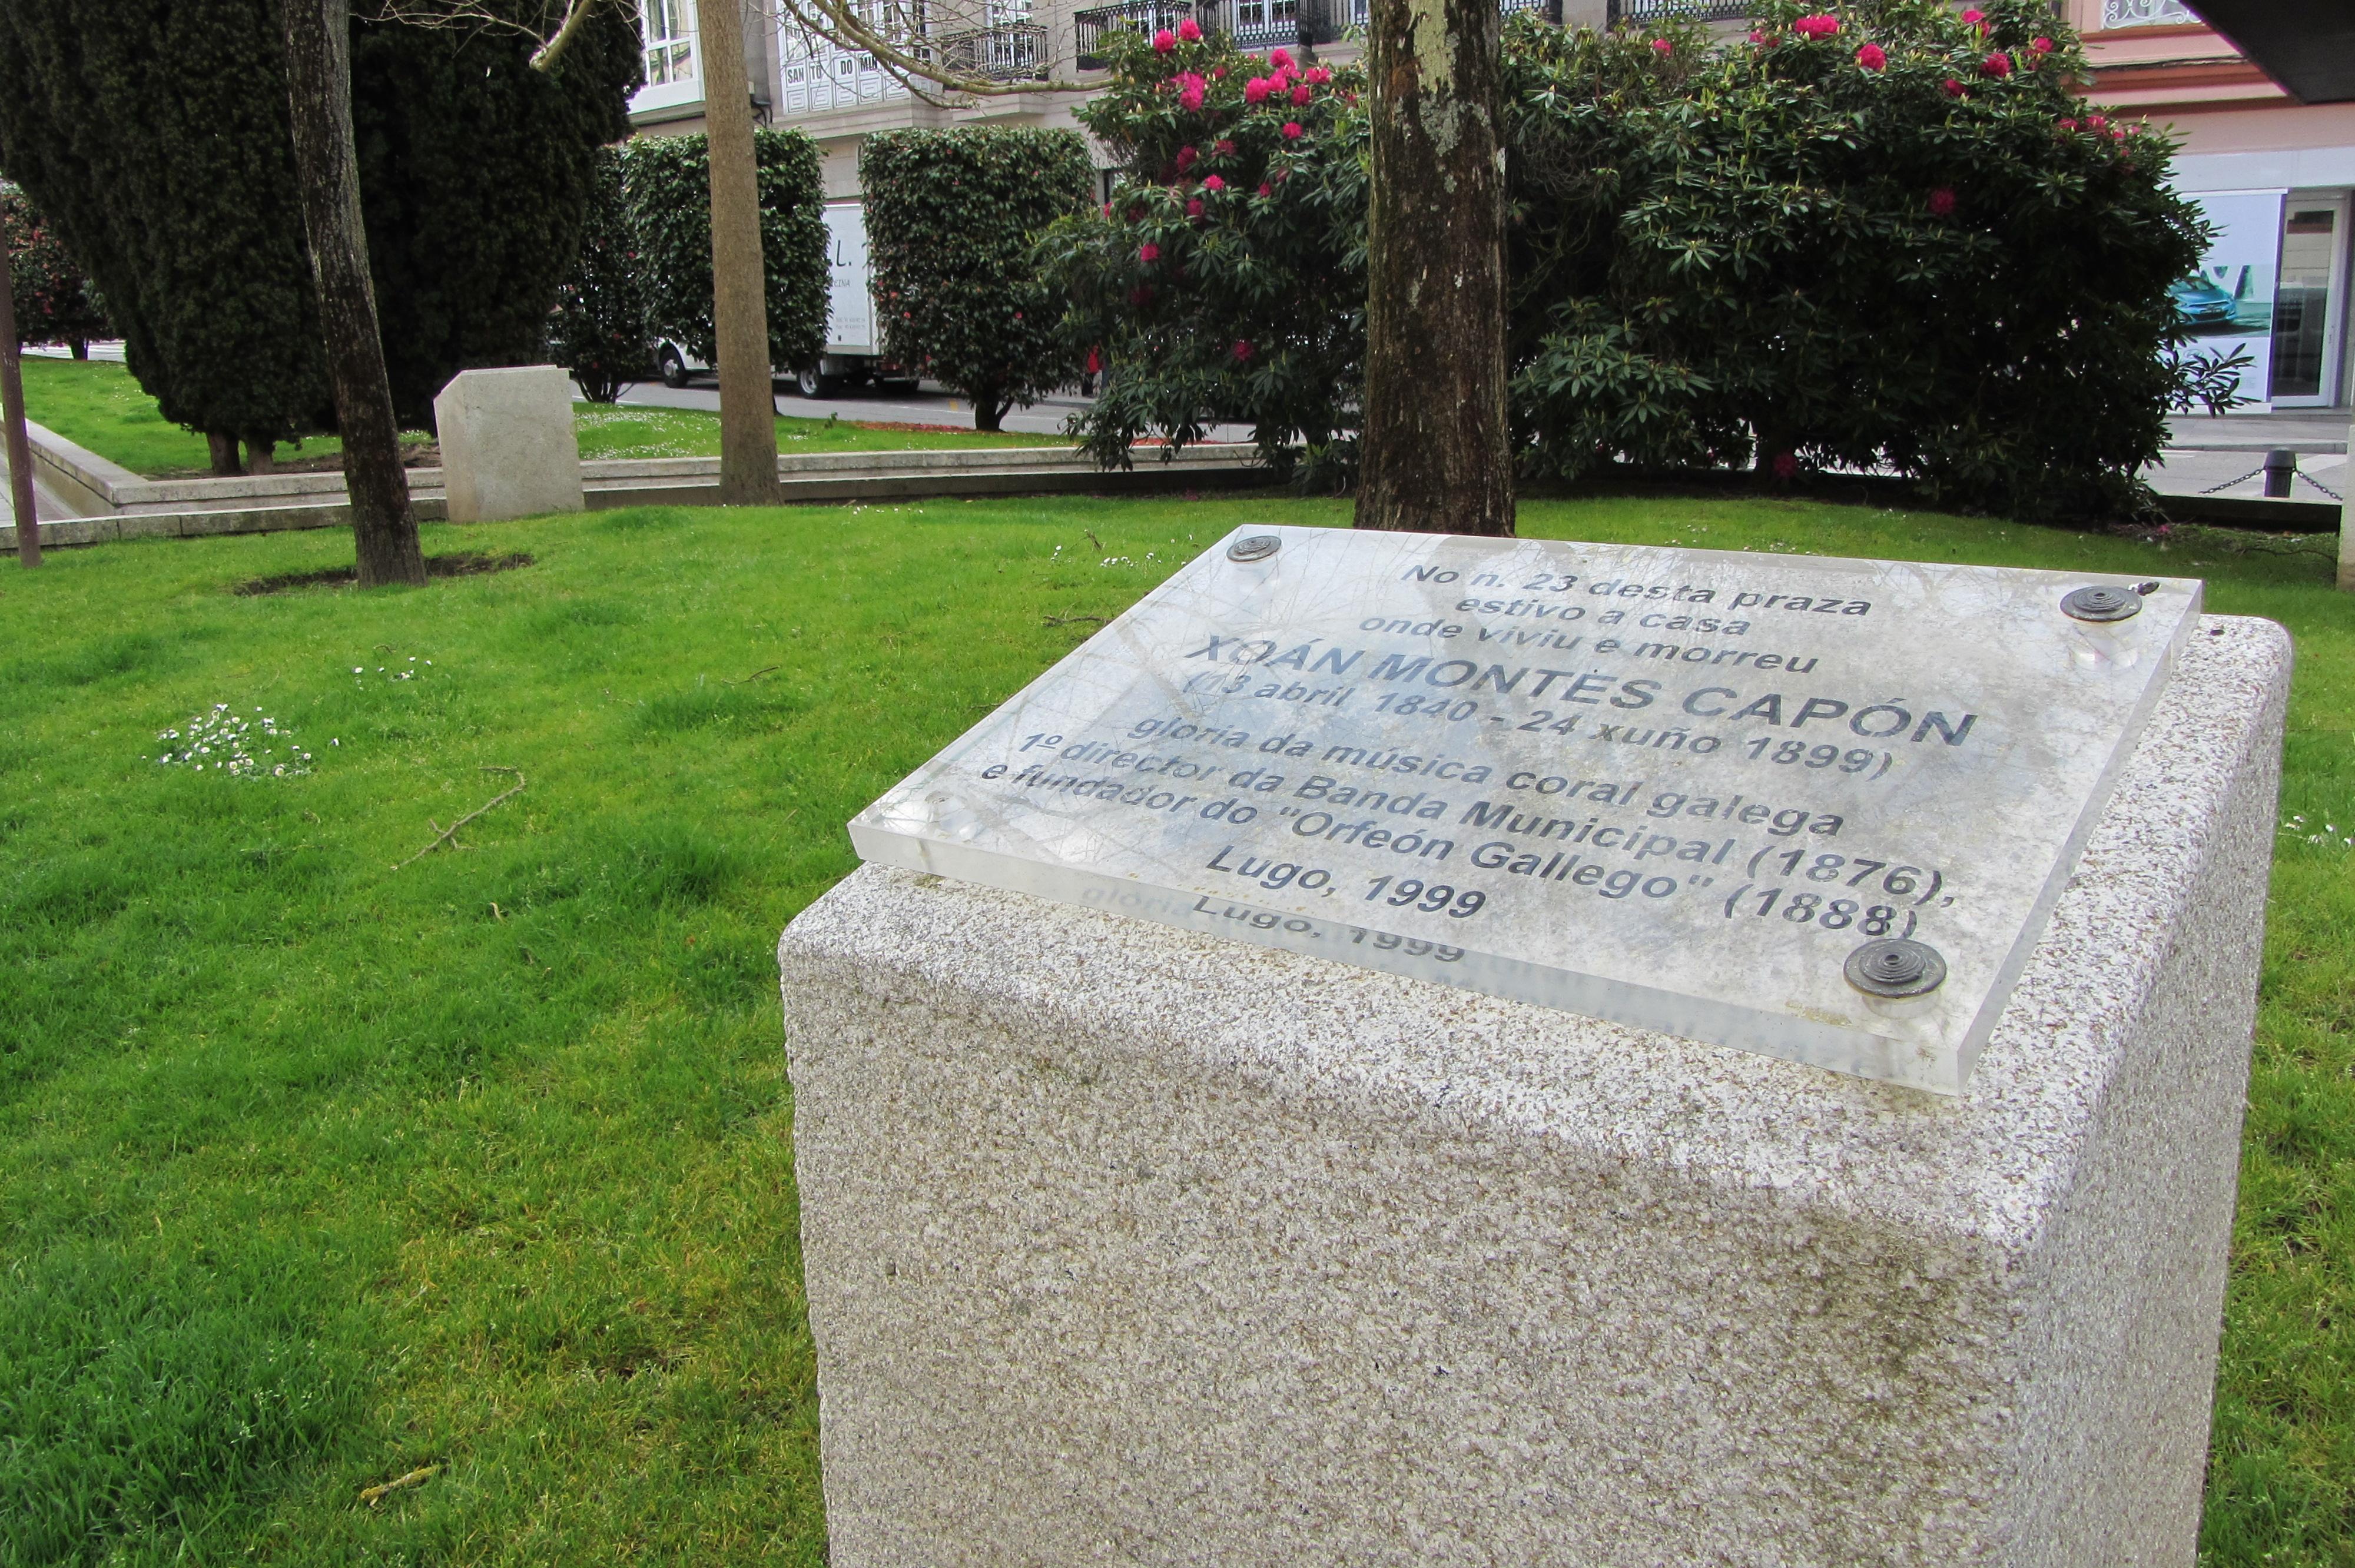 Placa que recuerda la localización de la casa del músico Juan Montes en la Plaza de Santo Domingo de la ciudad de Lugo (Galicia, España).